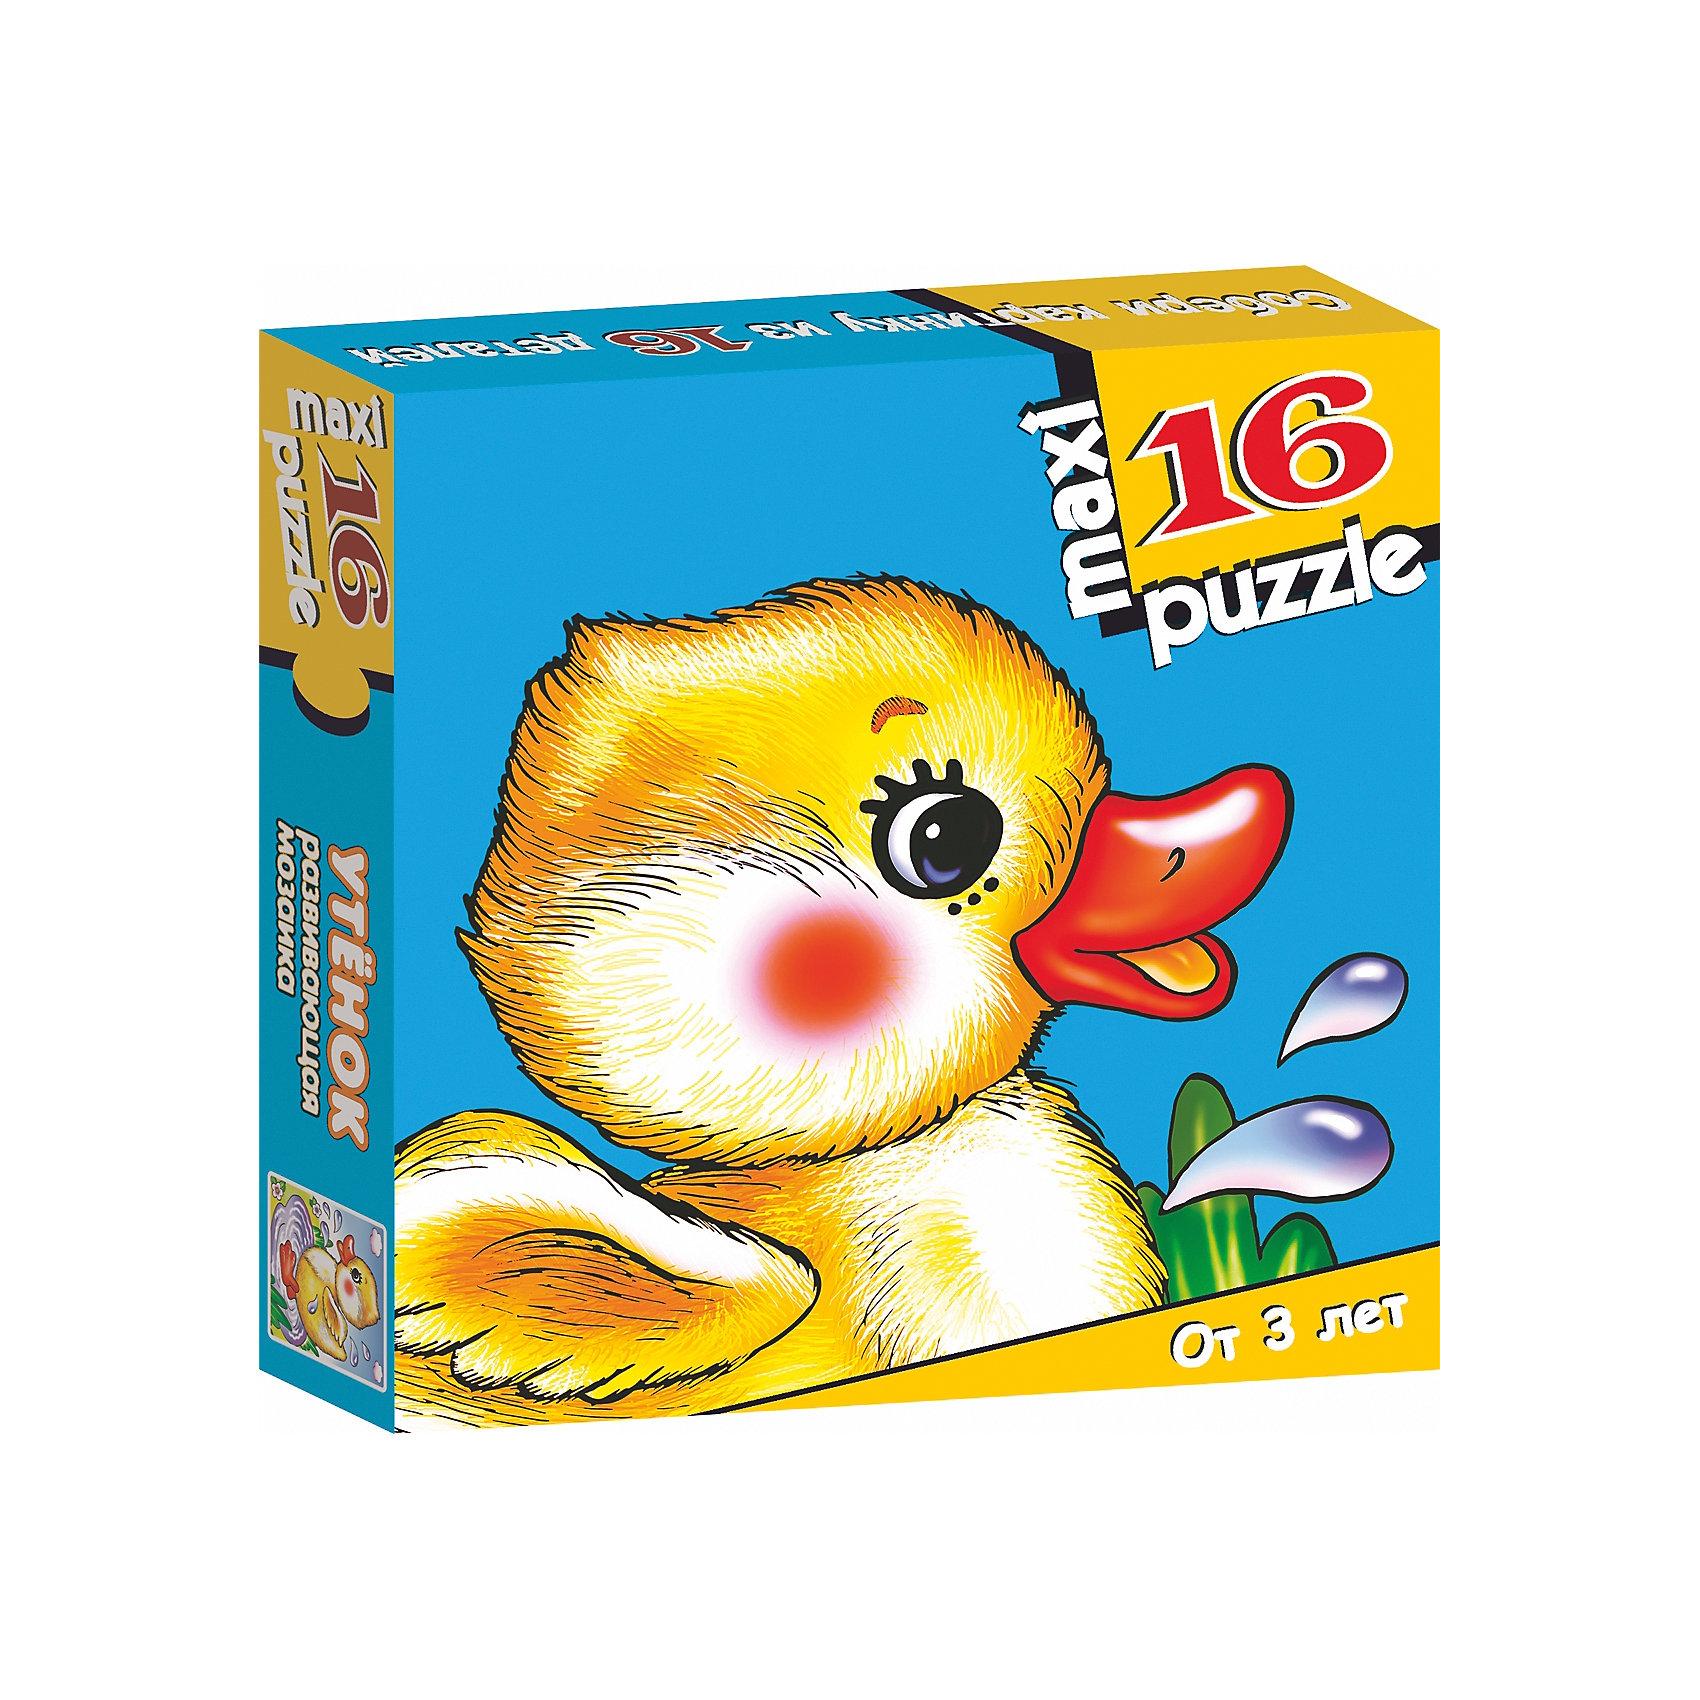 Развивающая мозаика Утёнок, Дрофа-МедиаМозаика<br>Характеристики развивающую  мозаику Утёнок:<br><br>- возраст: от 3 лет<br>- пол: для мальчиков и девочек<br>- количество деталей: 16.<br>- размер упаковки: 16.5 * 16.5 * 3 см.<br>- упаковка: картонная коробка.<br>- бренд: Дрофа-Медиа<br>- страна обладатель бренда: Россия.<br><br>Крупные и яркие детали мозаики привлекут внимание даже самых маленьких детей. Собирая картинку из 16 частей, малыш учится соотносить отдельные элементы и целое изображение, подбирать фрагменты по цвету и форме. Игра развивает наблюдательность, усидчивость, зрительное восприятие. Постоянно манипулируя деталями мозаики, ребёнок совершенствует мелкую моторику рук. Размер собранного поля 31,5х33 см. Материалы: бумага, картон.<br><br>Развивающую мозаику Утёнок издательства Дрофа-Медиа можно купить в нашем интернет-магазине.<br><br>Ширина мм: 165<br>Глубина мм: 30<br>Высота мм: 165<br>Вес г: 170<br>Возраст от месяцев: 36<br>Возраст до месяцев: 2147483647<br>Пол: Унисекс<br>Возраст: Детский<br>SKU: 5386299